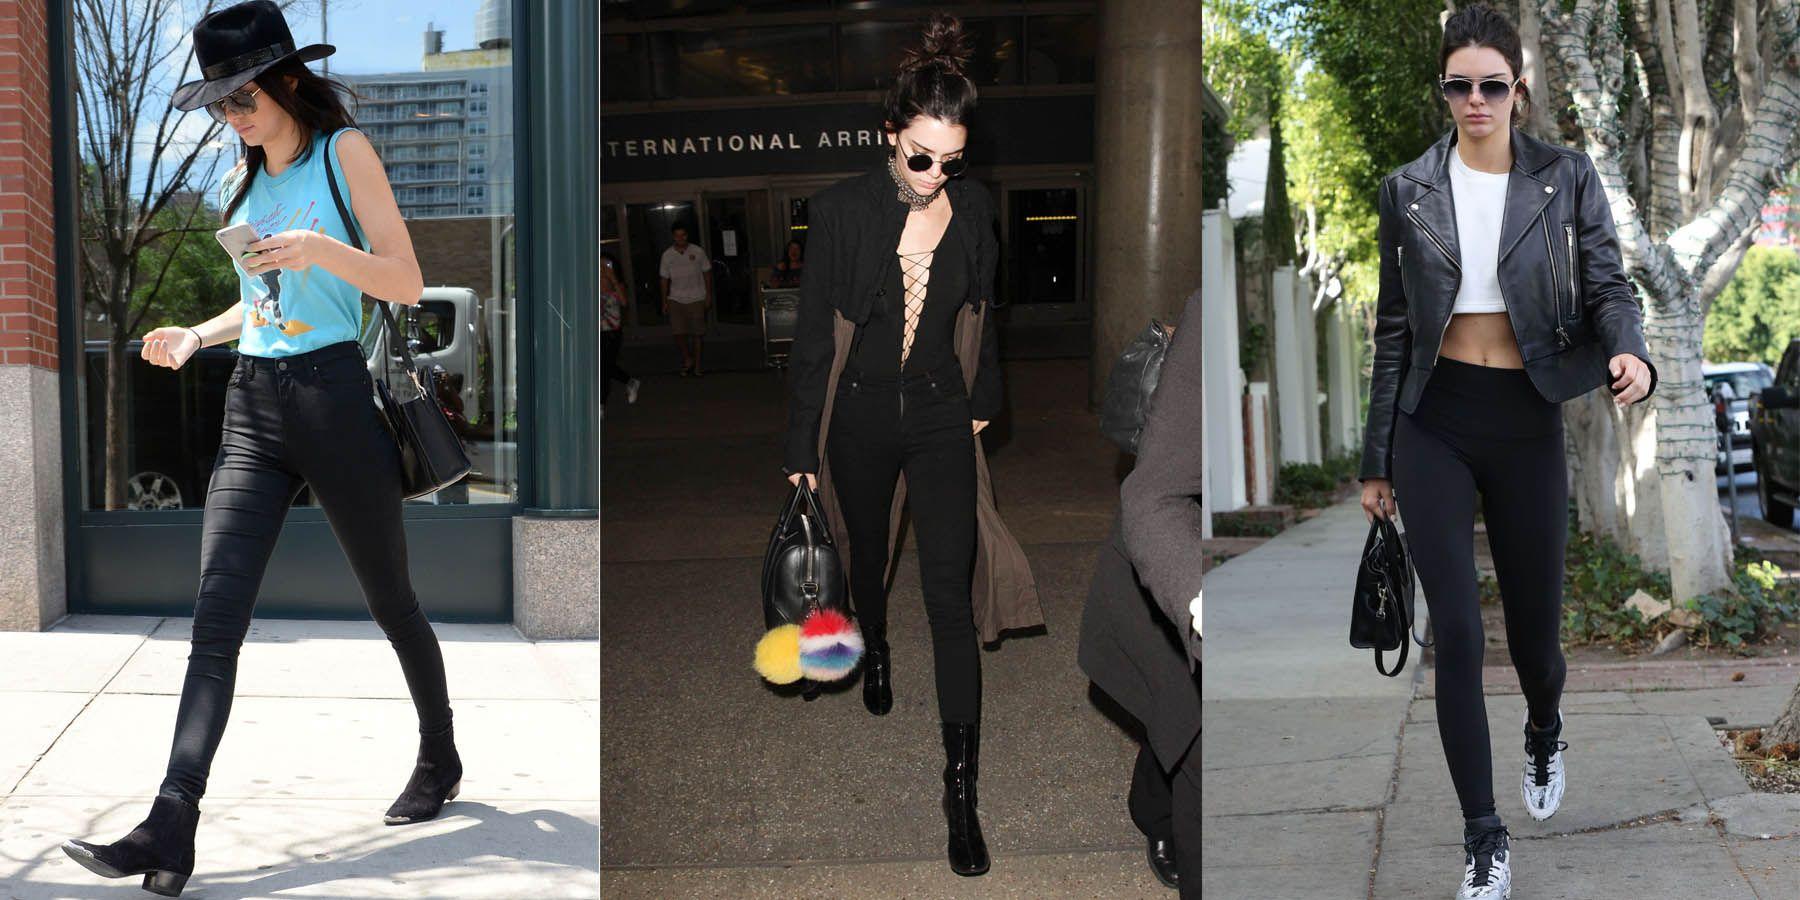 Ini Gaya Keren Kendall Jenner yang Nggak Ada Matinya!